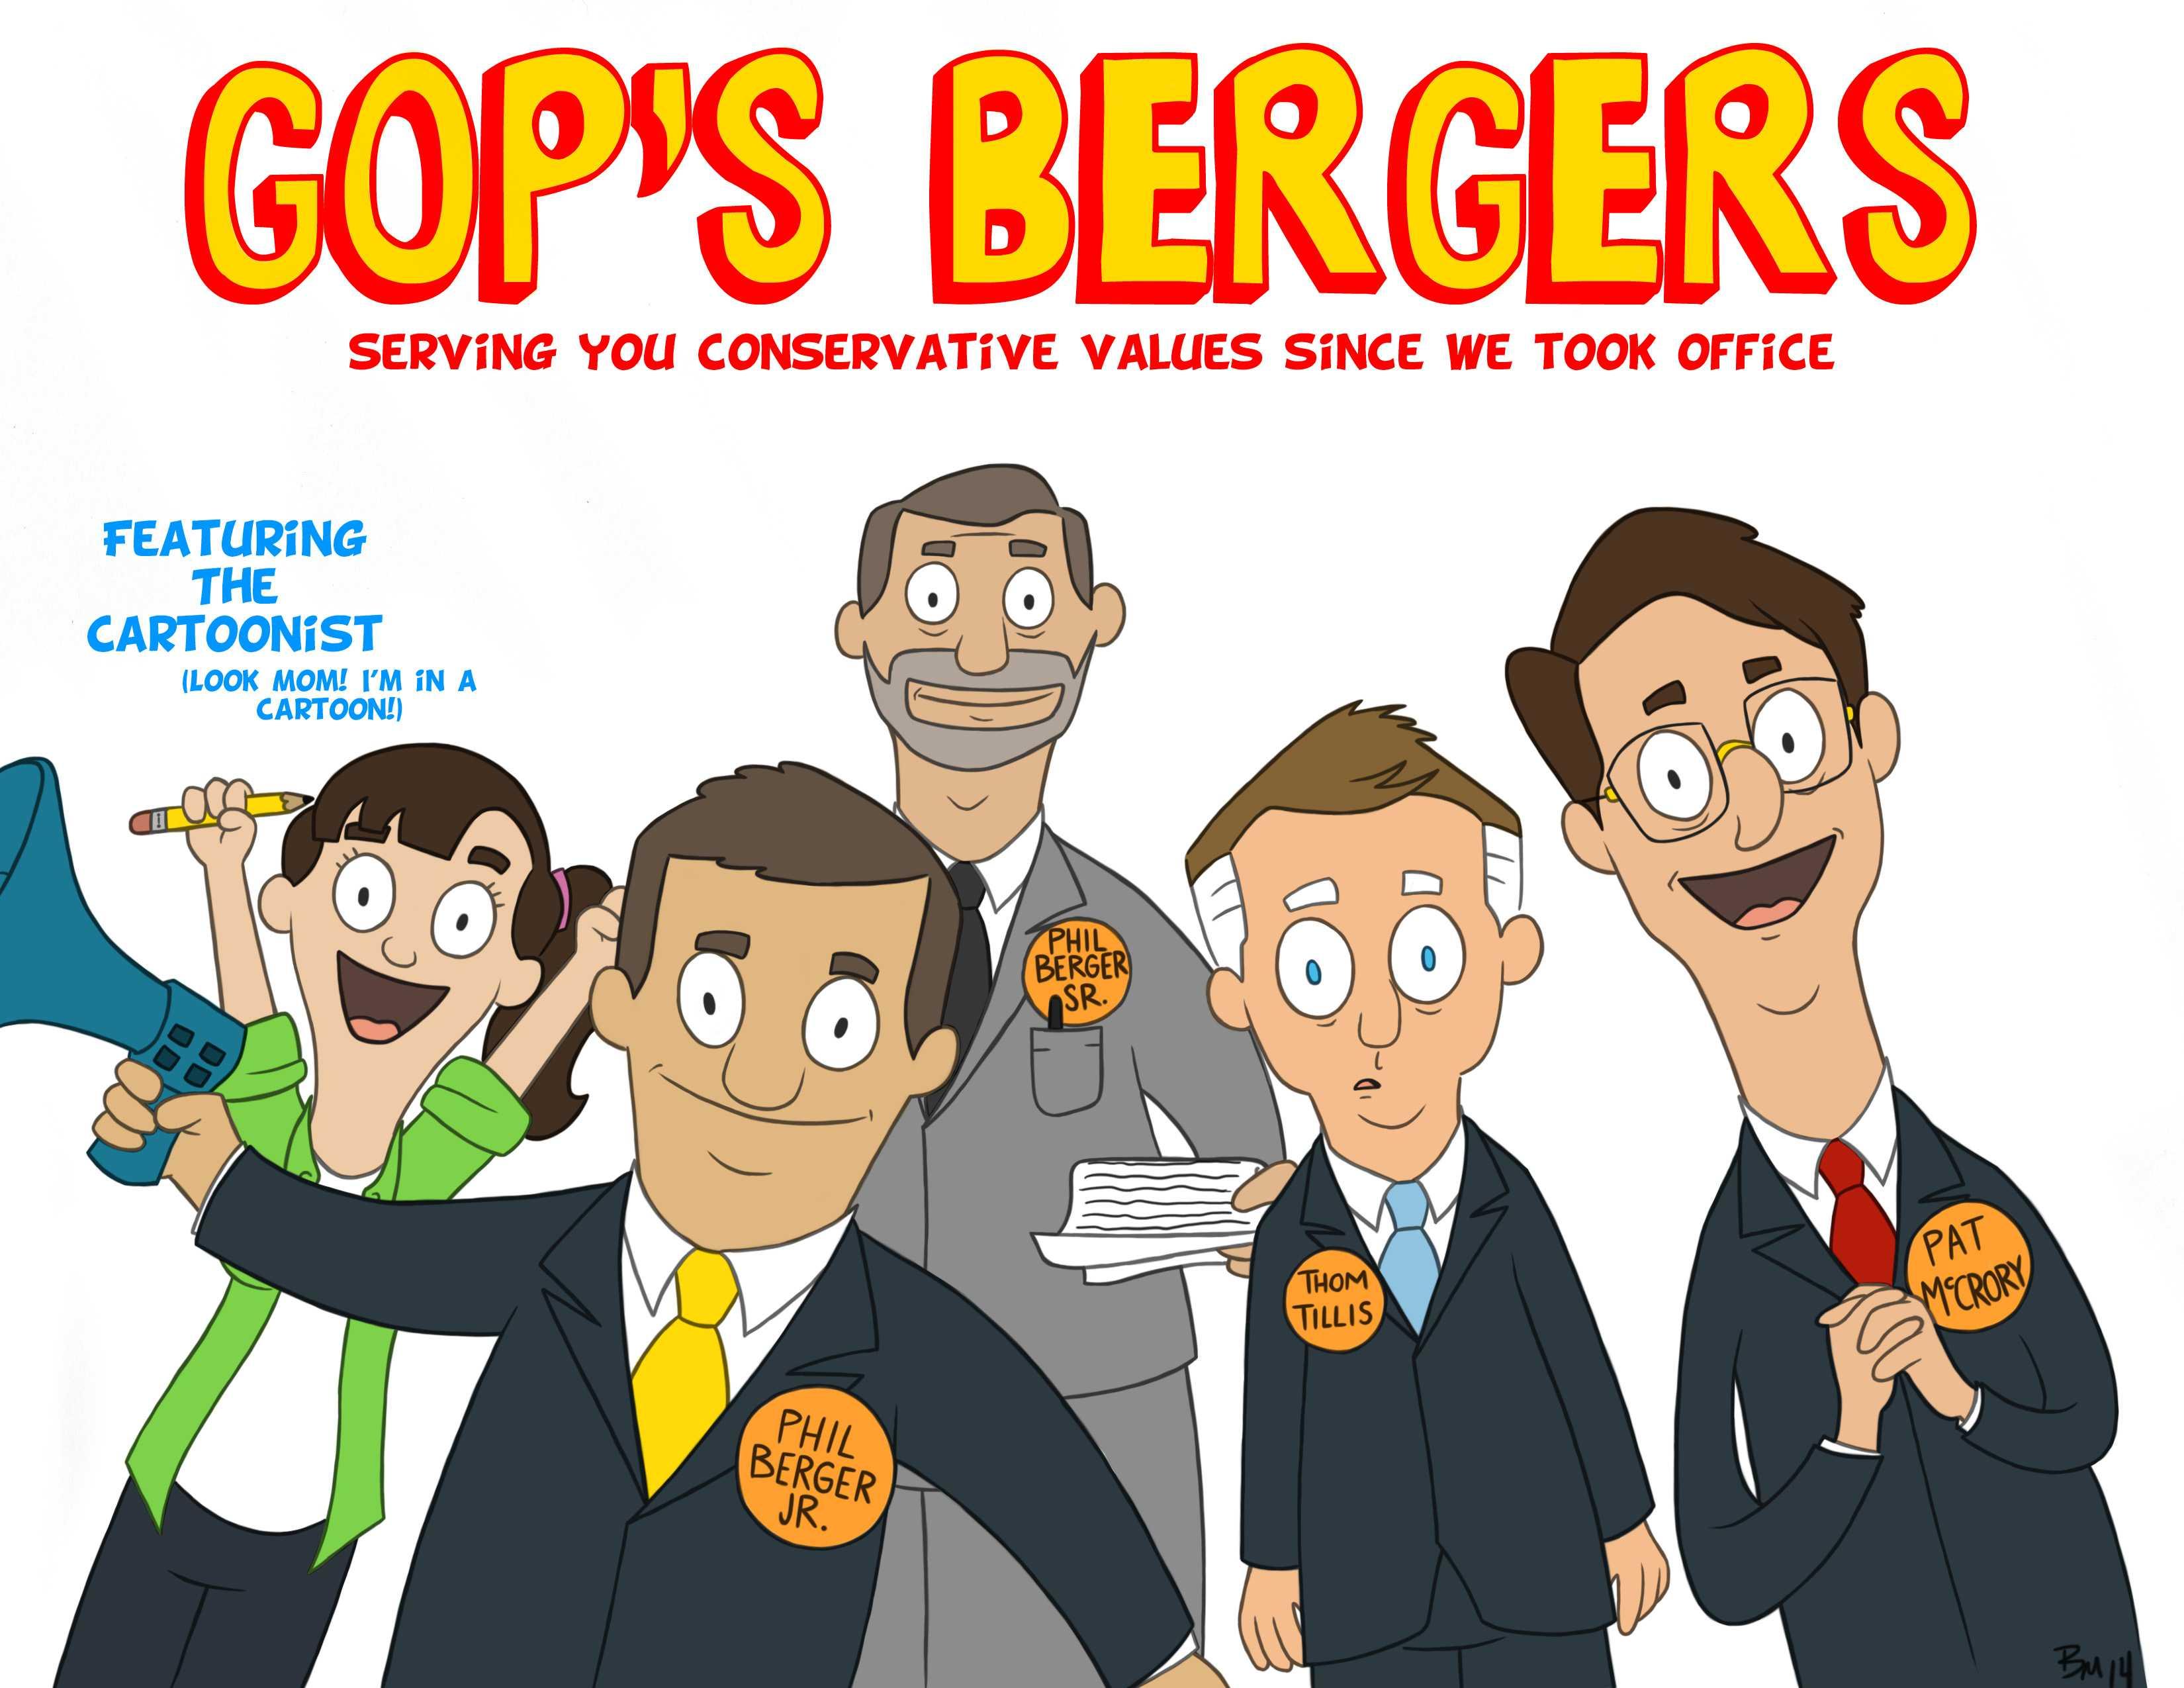 Editorial cartoon: GOP's Bergers